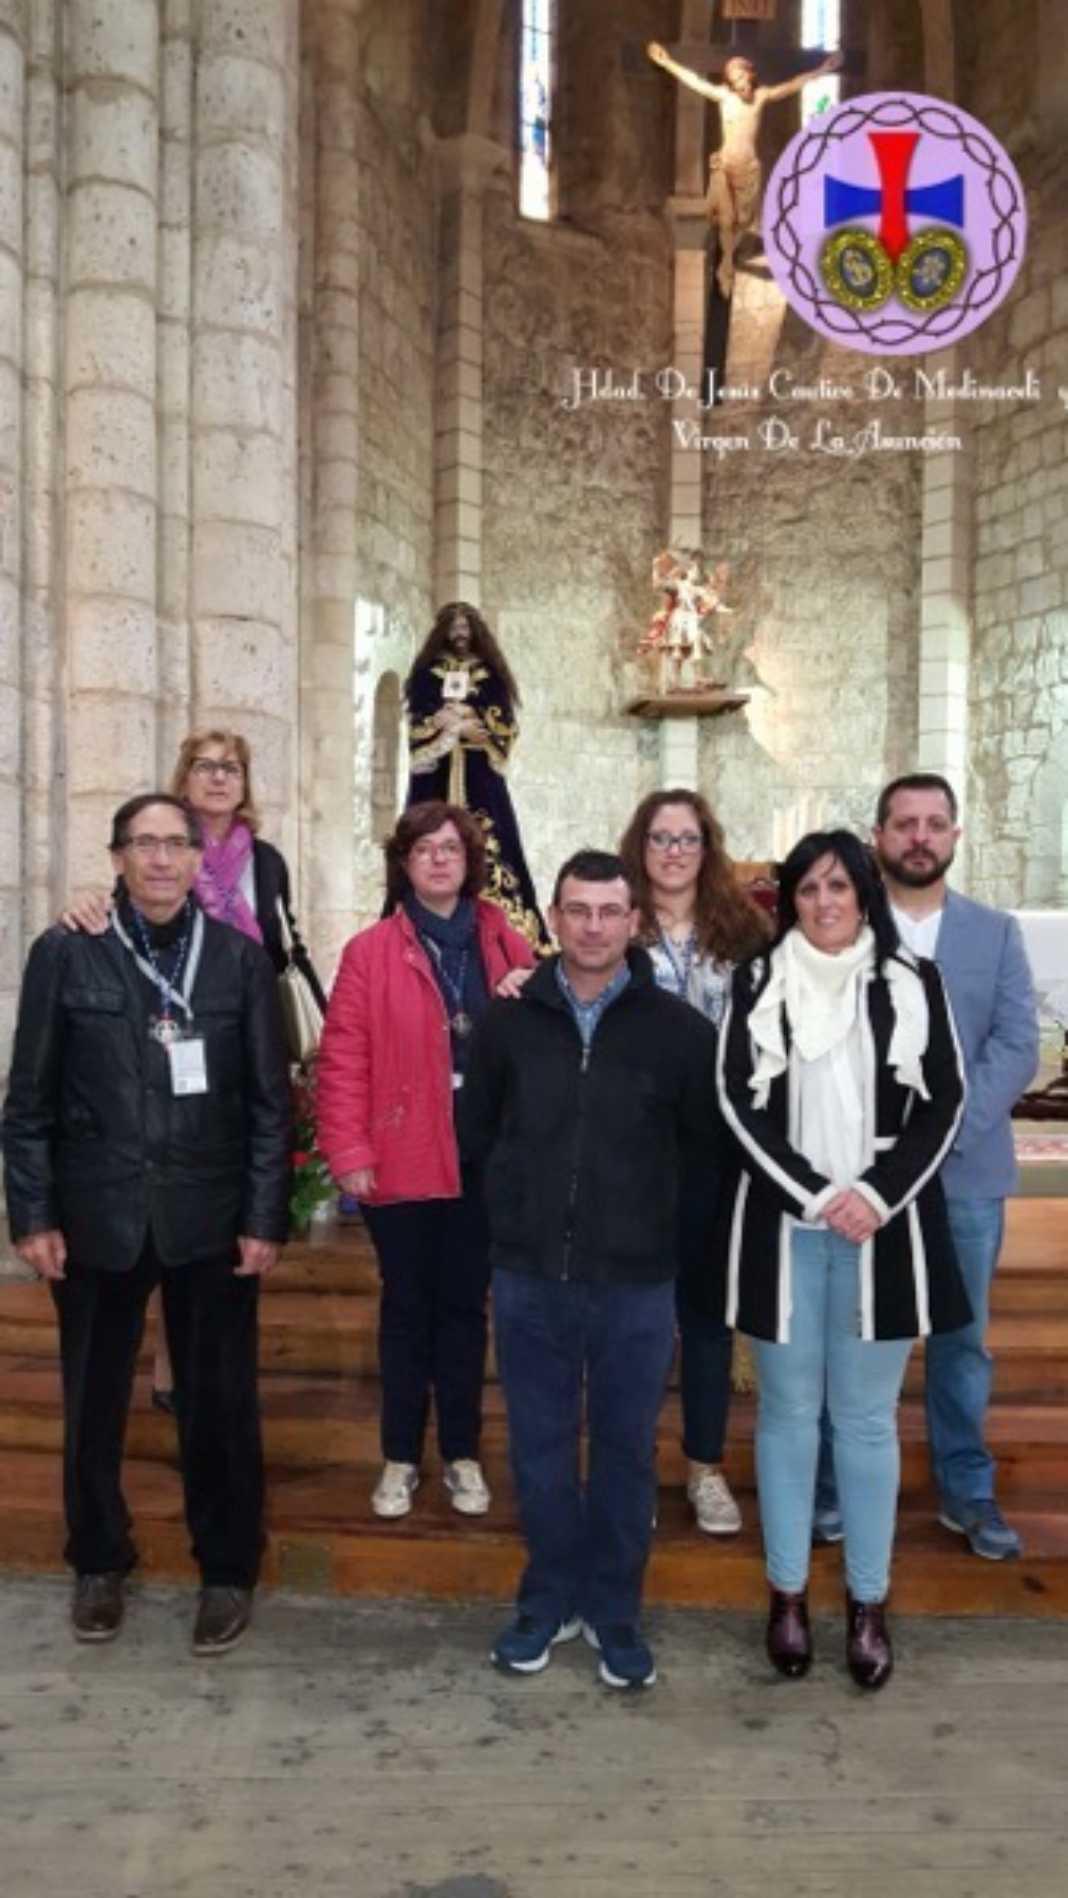 La hermandad de Jesús de Medinaceli asiste al Congreso Nacional de Palencia 3